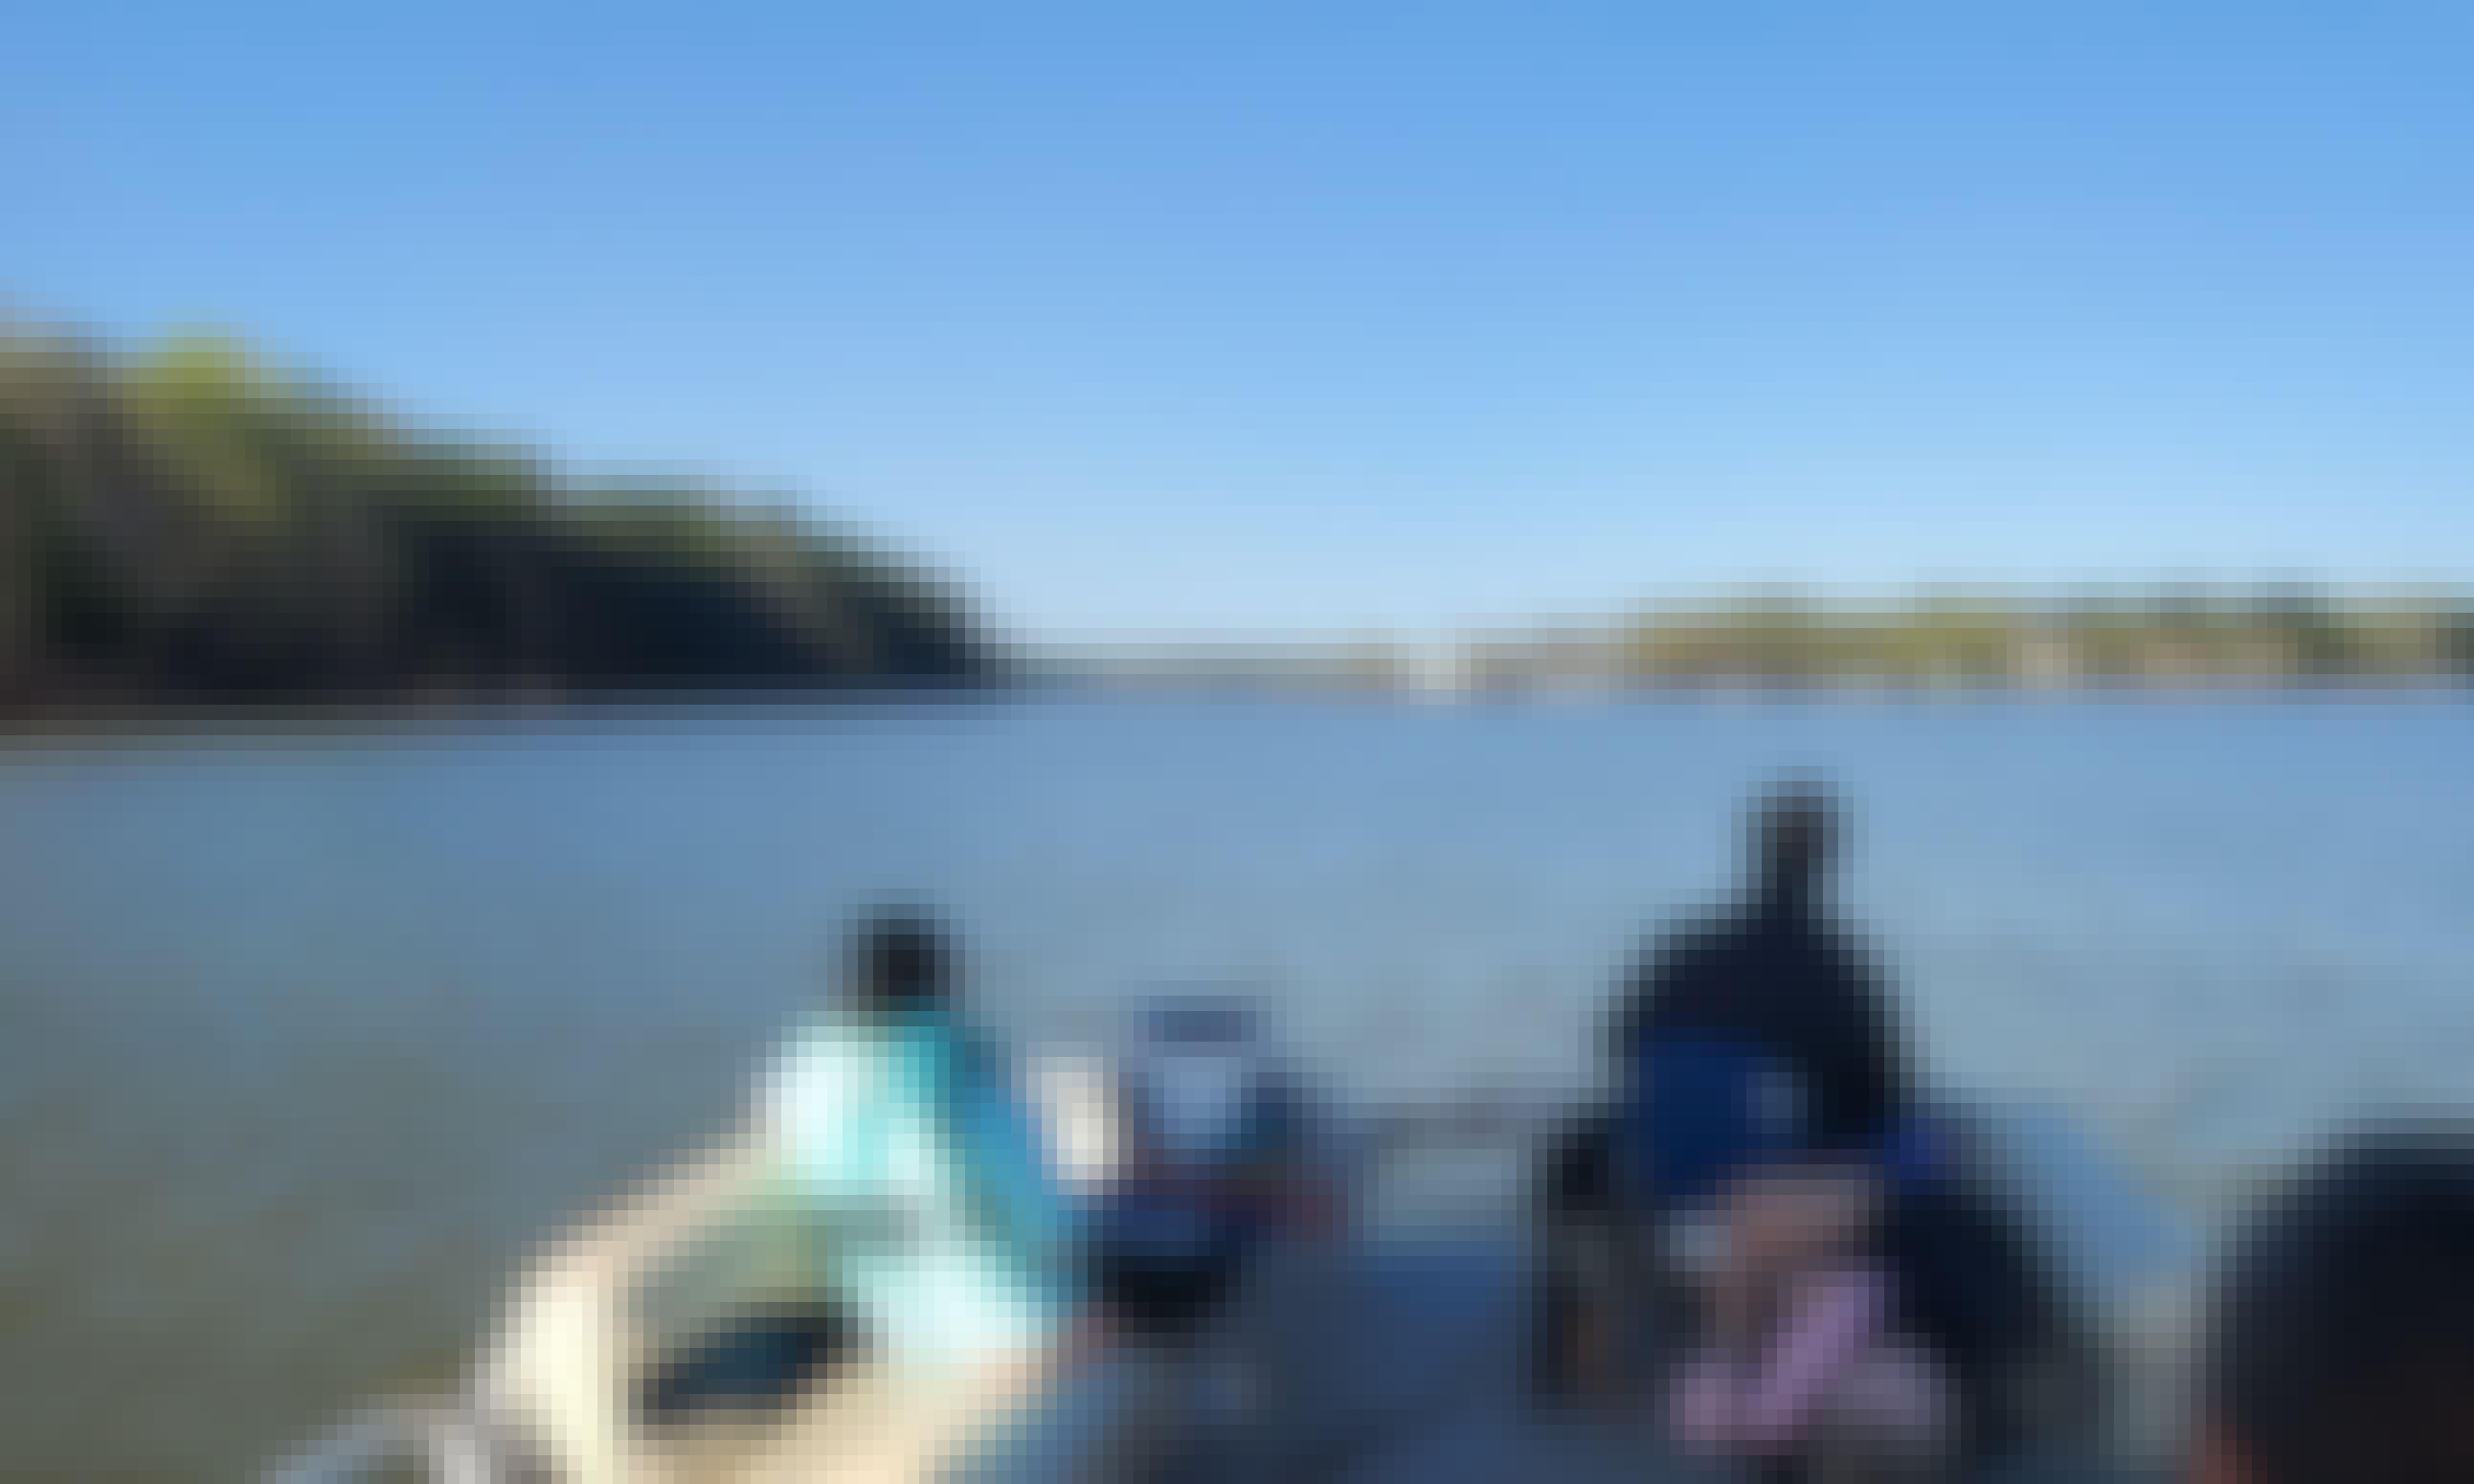 2001 Godfrey Powerboat for Rent in Mooresville